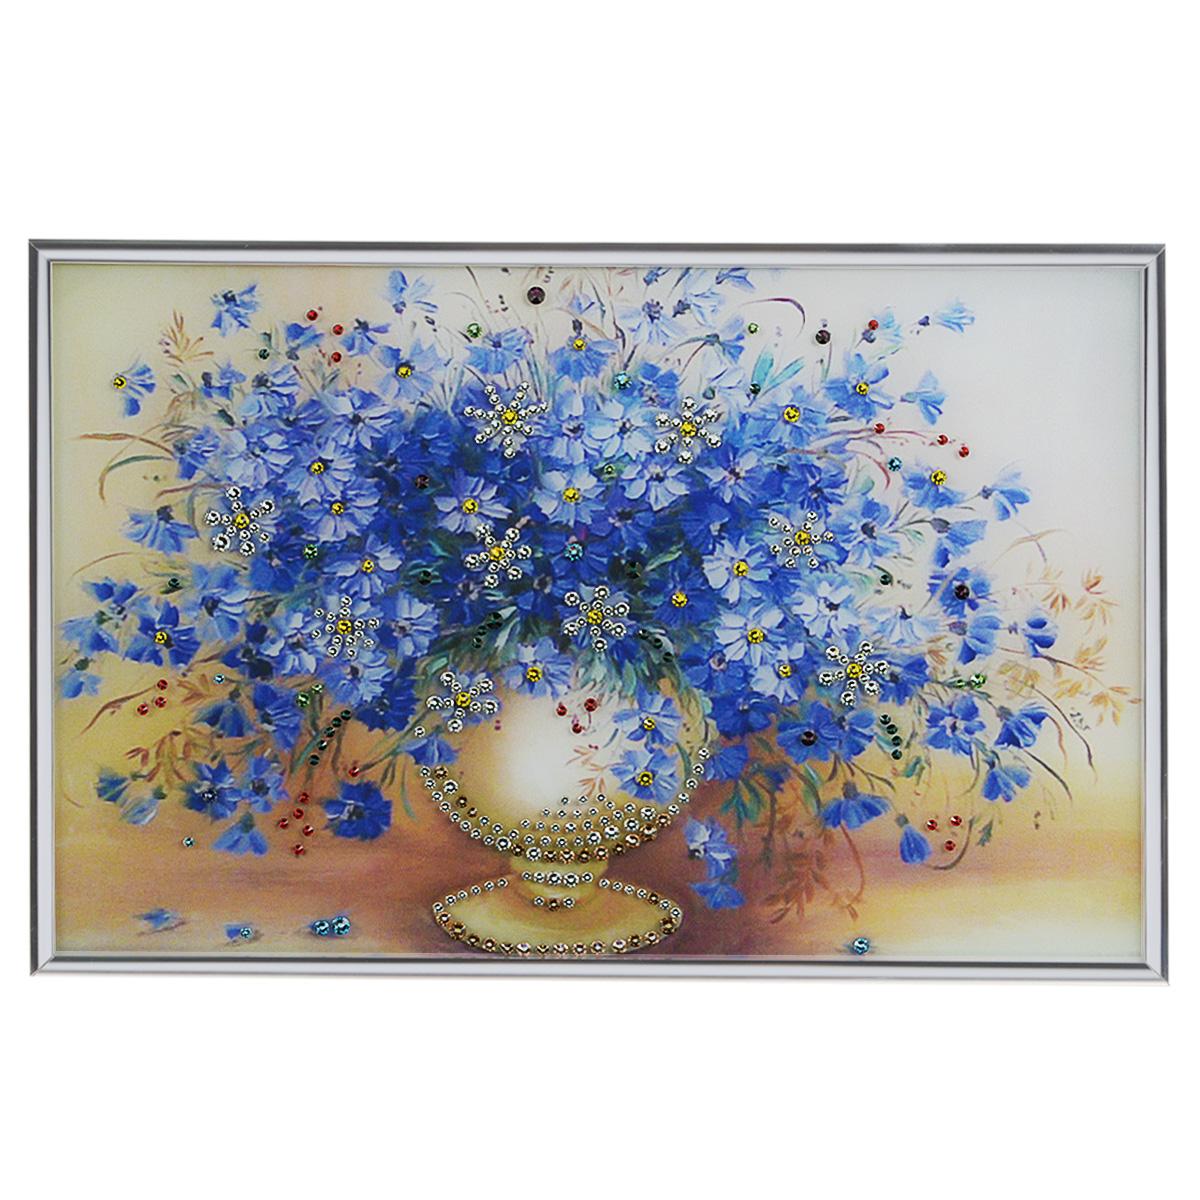 Картина с кристаллами Swarovski Васильки, 30 см х 20 см1067Изящная картина в металлической раме, инкрустирована кристаллами Swarovski, которые отличаются четкой и ровной огранкой, ярким блеском и чистотой цвета. Красочное изображение букета васильков в вазе, расположенное под стеклом, прекрасно дополняет блеск кристаллов. С обратной стороны имеется металлическая петелька для размещения картины на стене. Картина с кристаллами Swarovski Васильки элегантно украсит интерьер дома или офиса, а также станет прекрасным подарком, который обязательно понравится получателю. Блеск кристаллов в интерьере, что может быть сказочнее и удивительнее. Картина упакована в подарочную картонную коробку синего цвета и комплектуется сертификатом соответствия Swarovski.